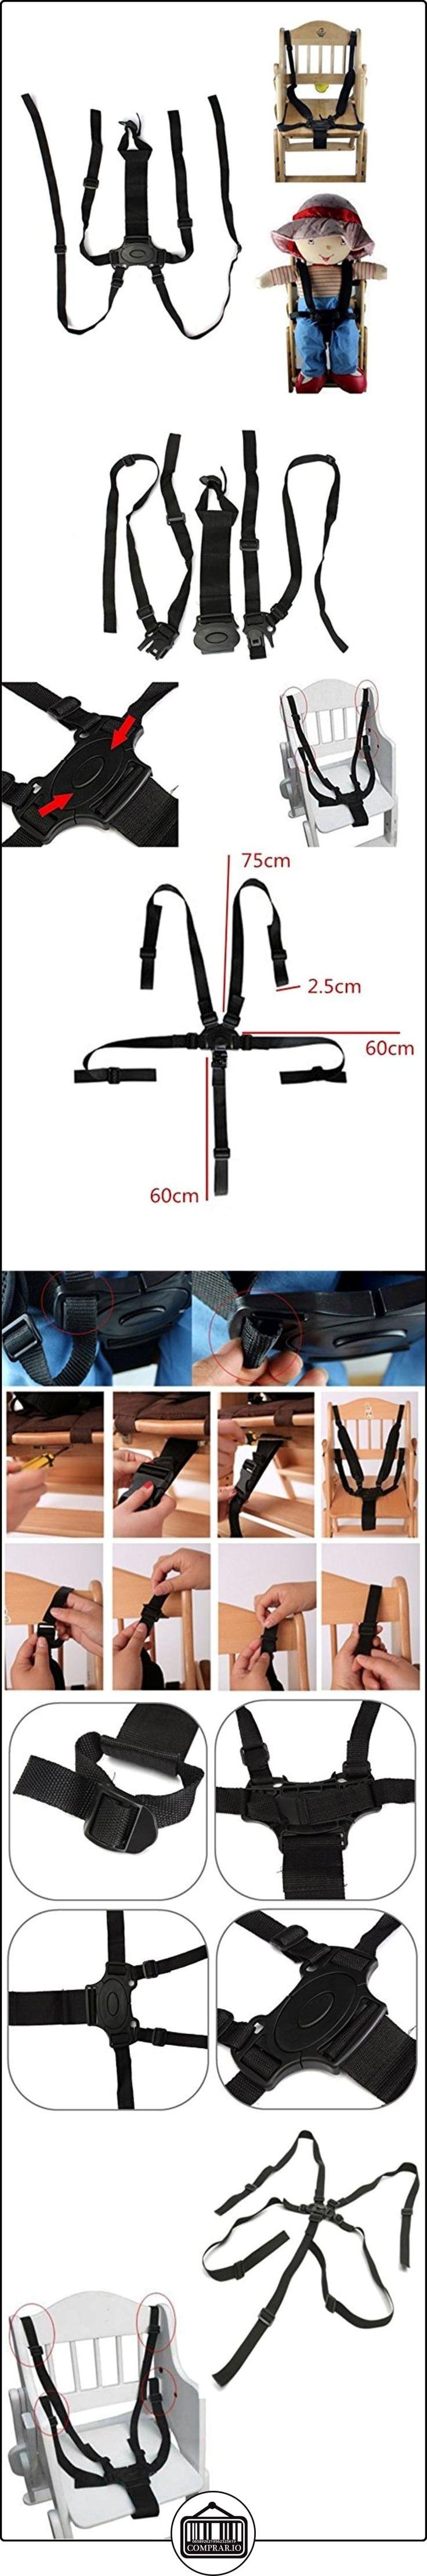 Kungfu Mall fija Cinturón Ajustable 5punto Kid bebé silla de paseo silla bebé Buggy asiento fijación disco correa cinturón arnés seguridad protección  ✿ Seguridad para tu bebé - (Protege a tus hijos) ✿ ▬► Ver oferta: http://comprar.io/goto/B01DKHNXQC